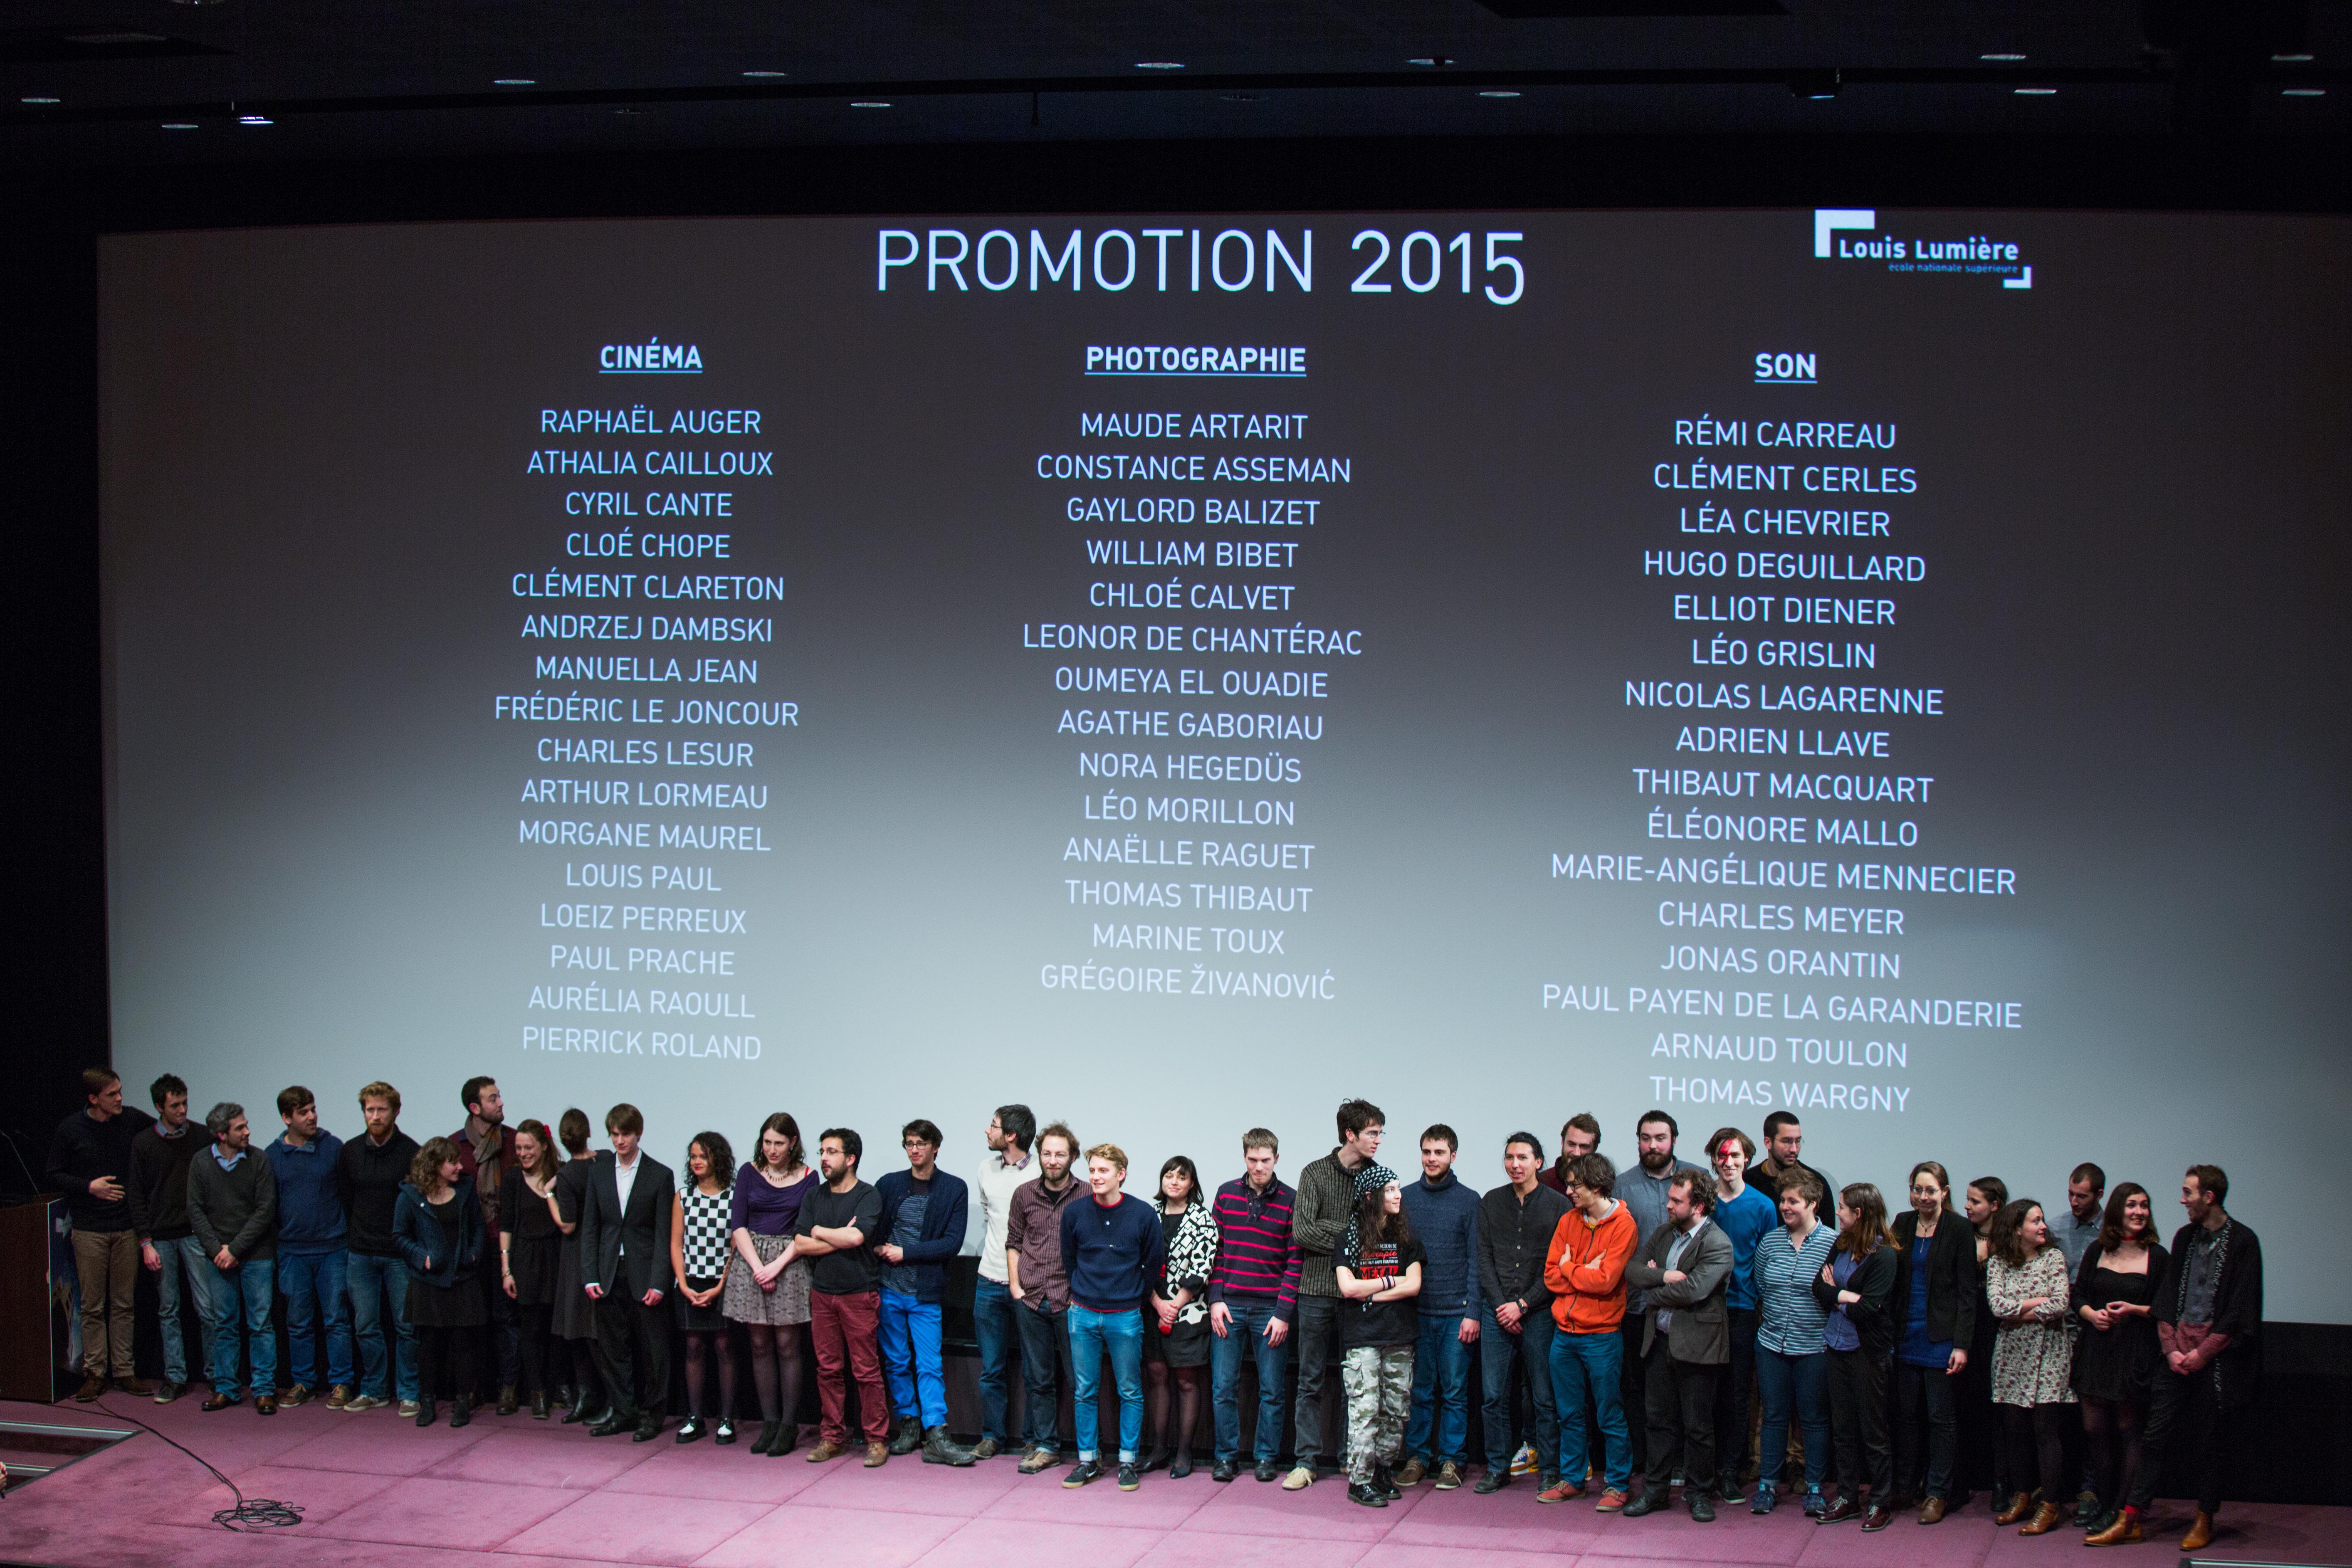 Soirée des diplômés 2016 - promotion 2015